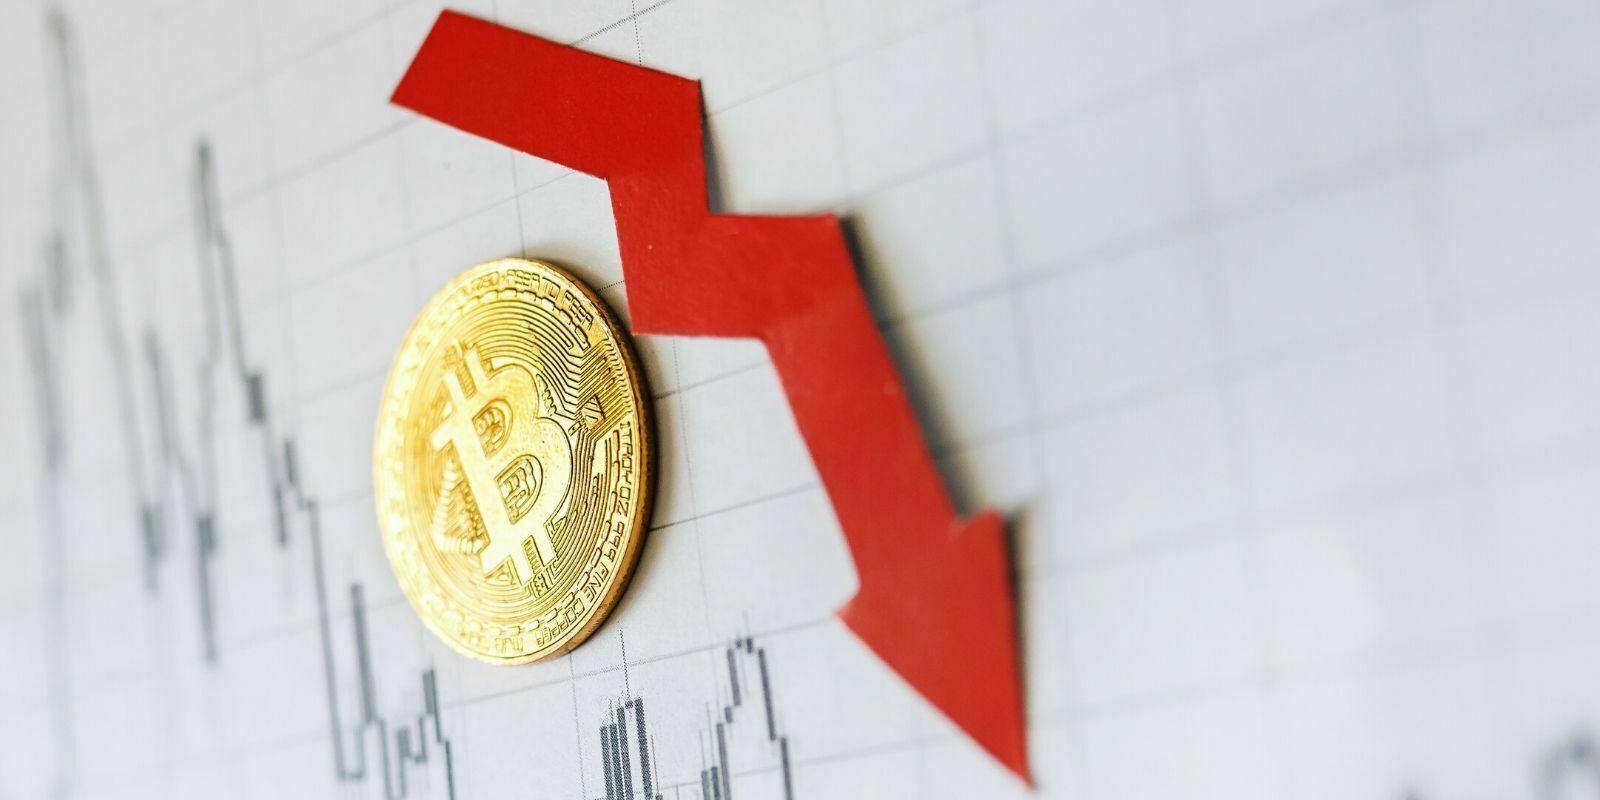 Le Bitcoin chute sous les 8000 dollars, jusqu'où peut-il descendre ?